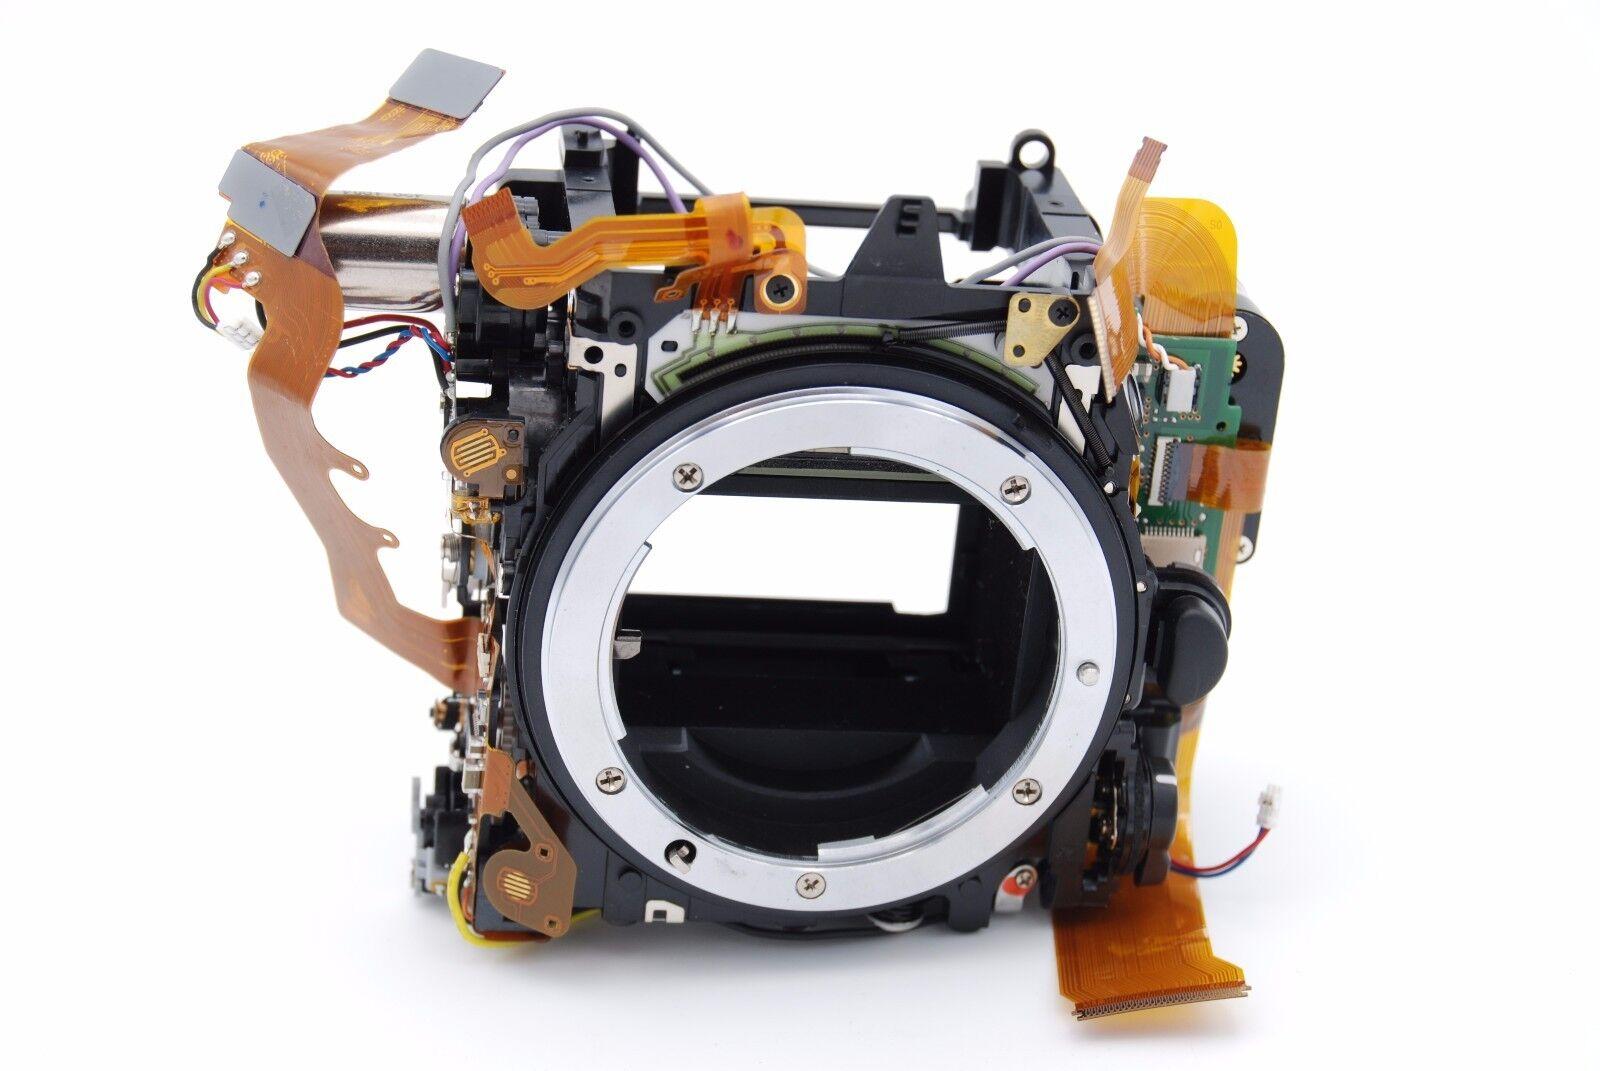 Details about Nikon D750 Mirror Box Unit with Aperture, Shutter Replacement  Repair Part A1180